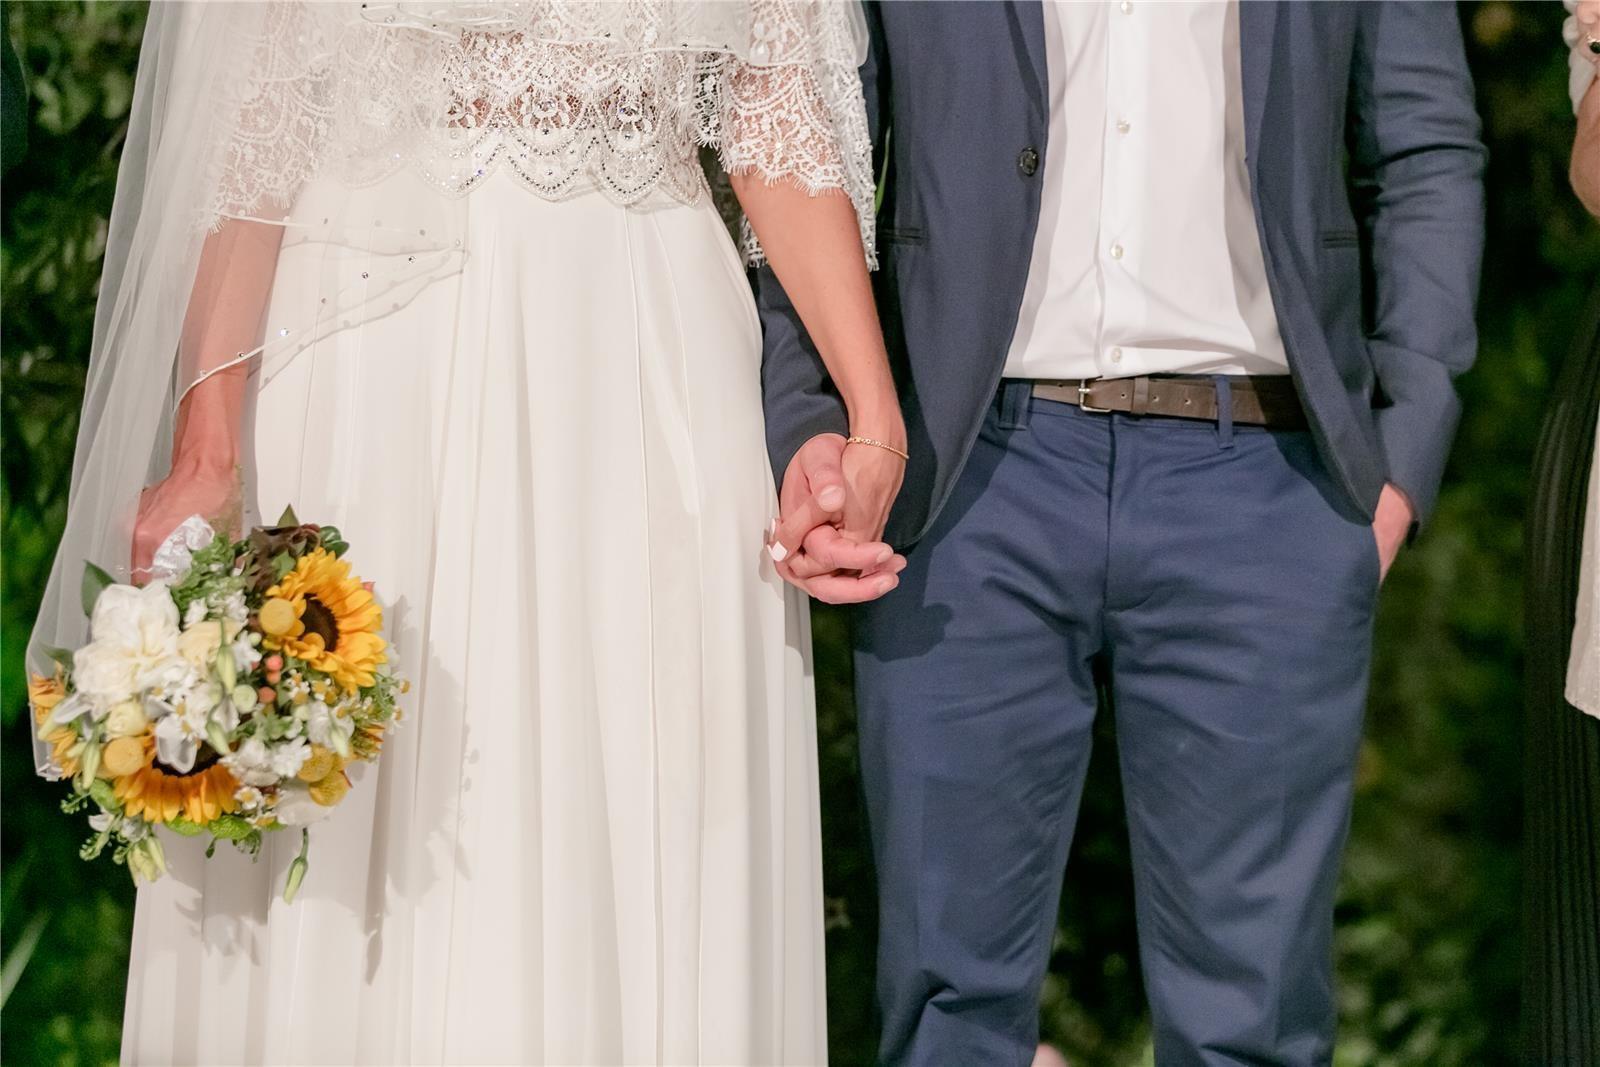 גשם? ברכה: שווה להתחתן דווקא בחורף, מקום לחגוג, 18